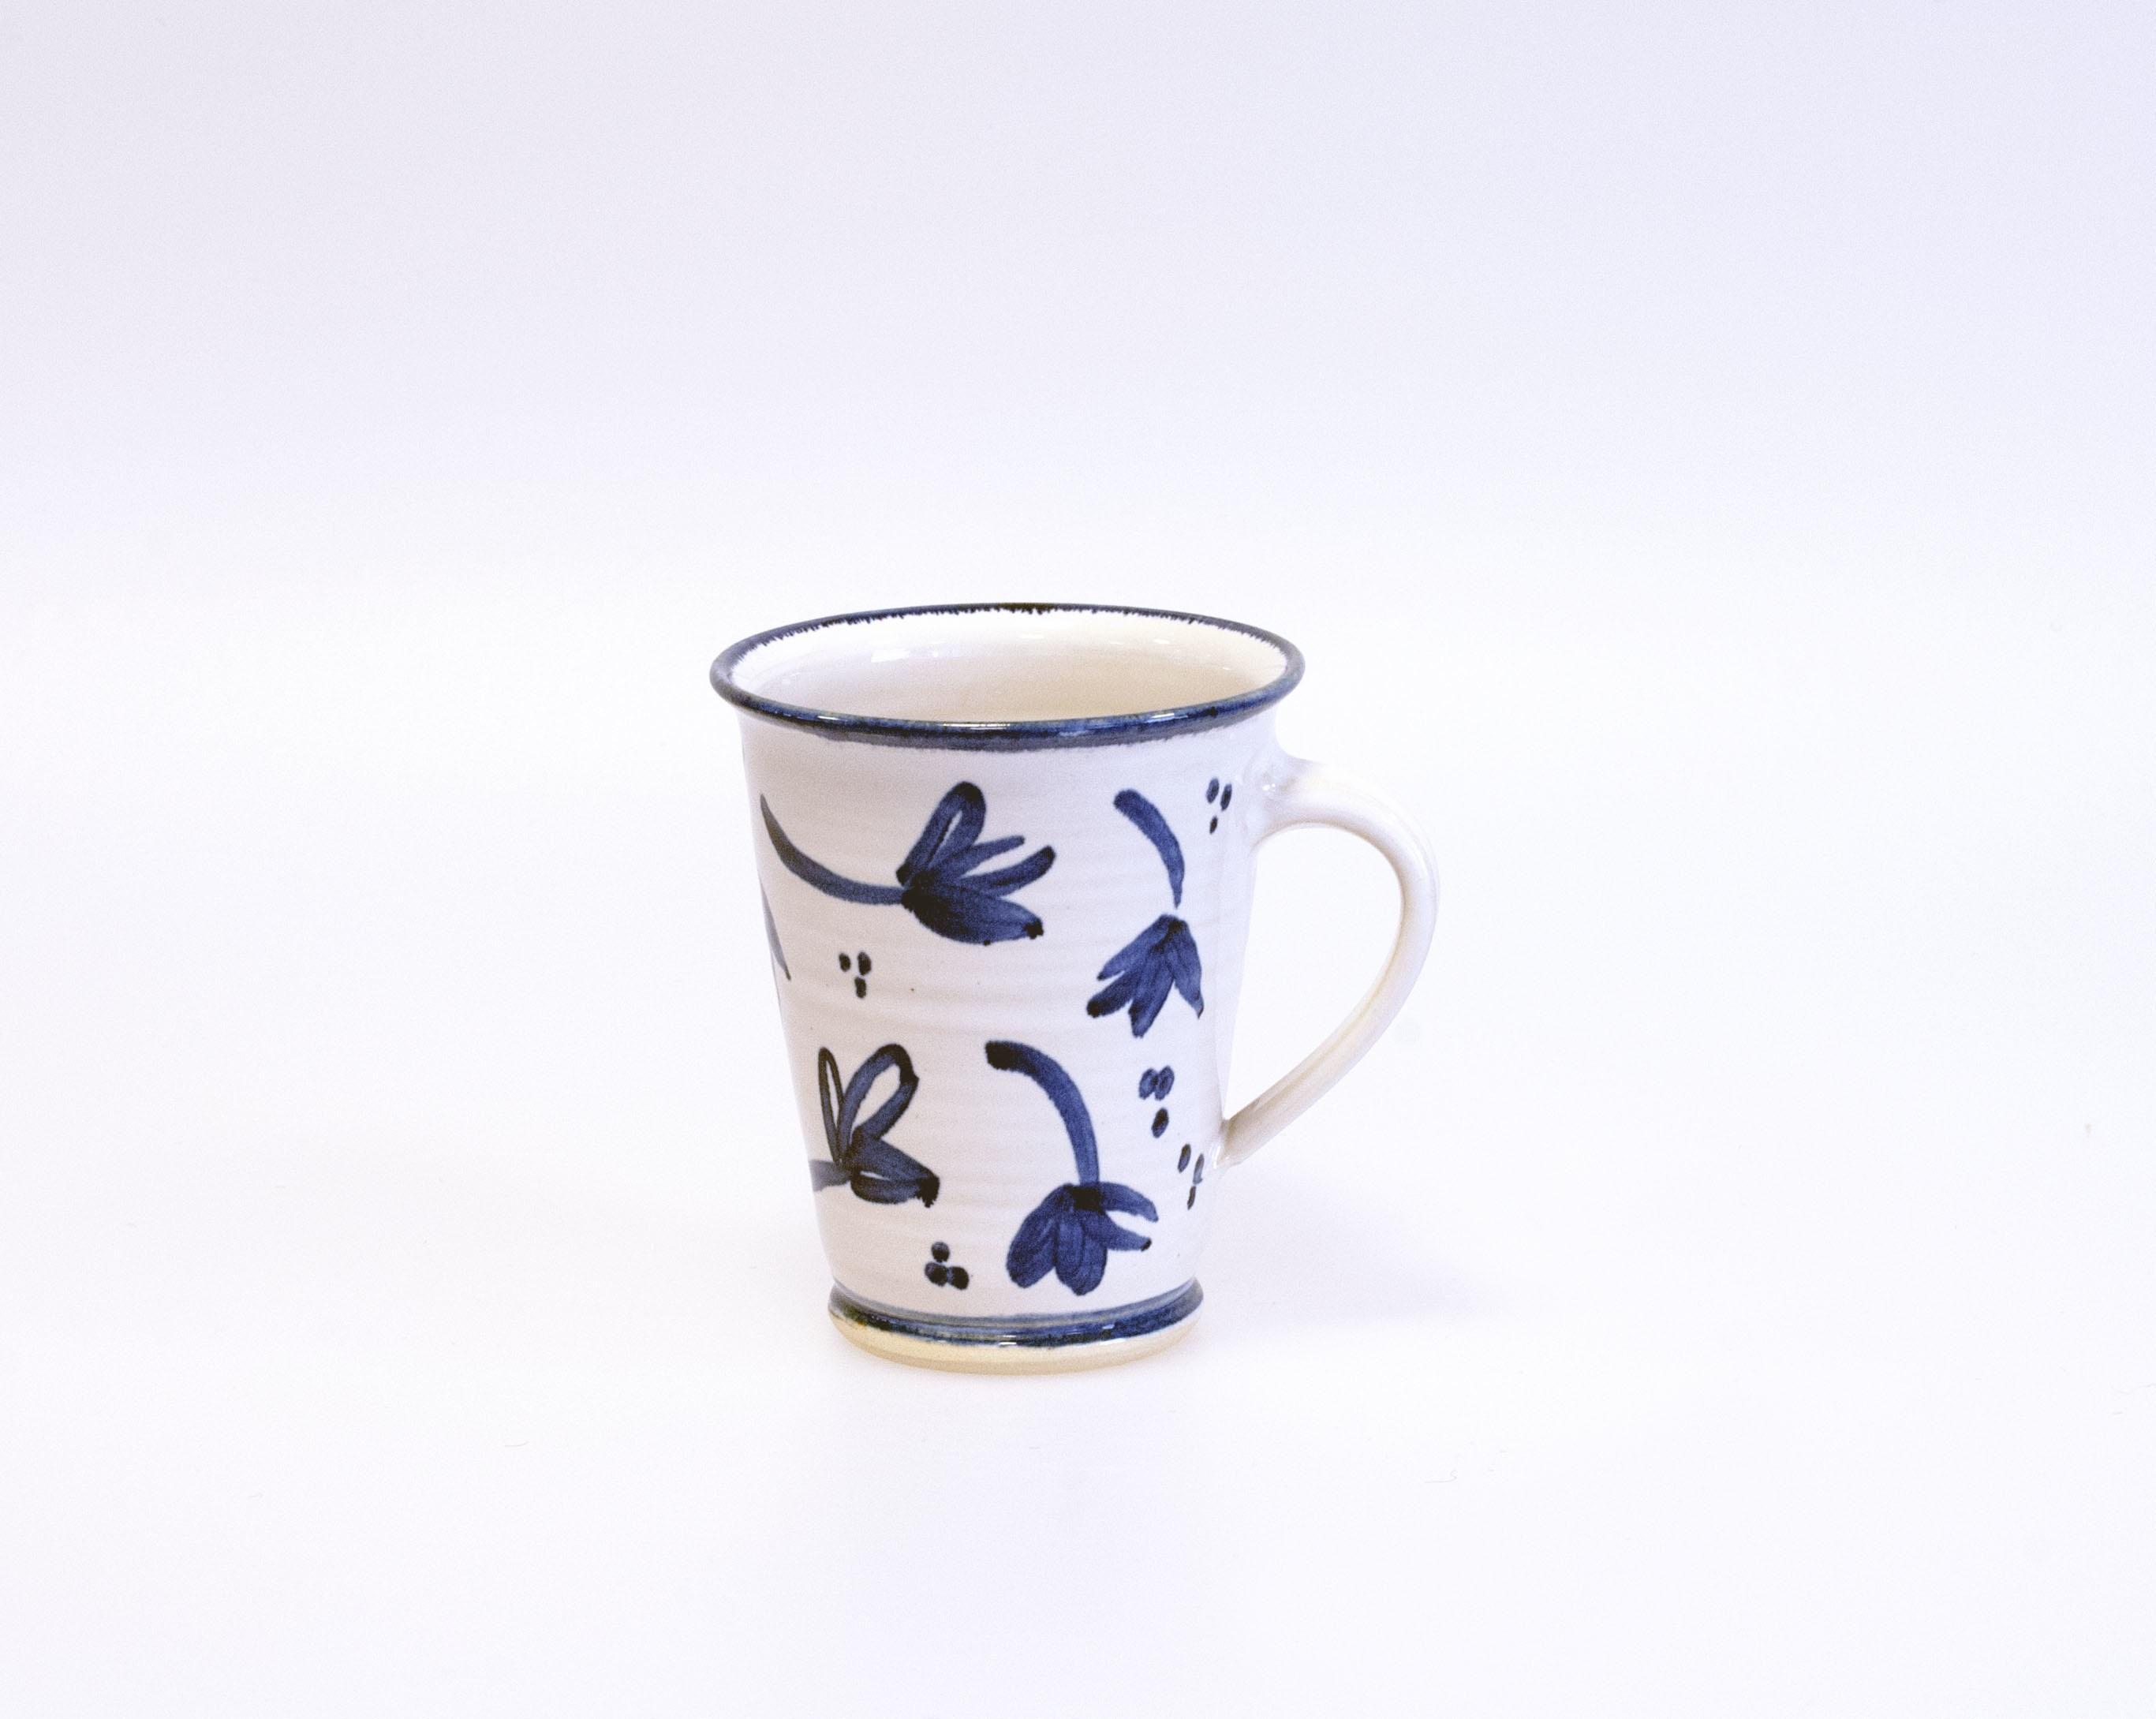 Blå blomma mugg